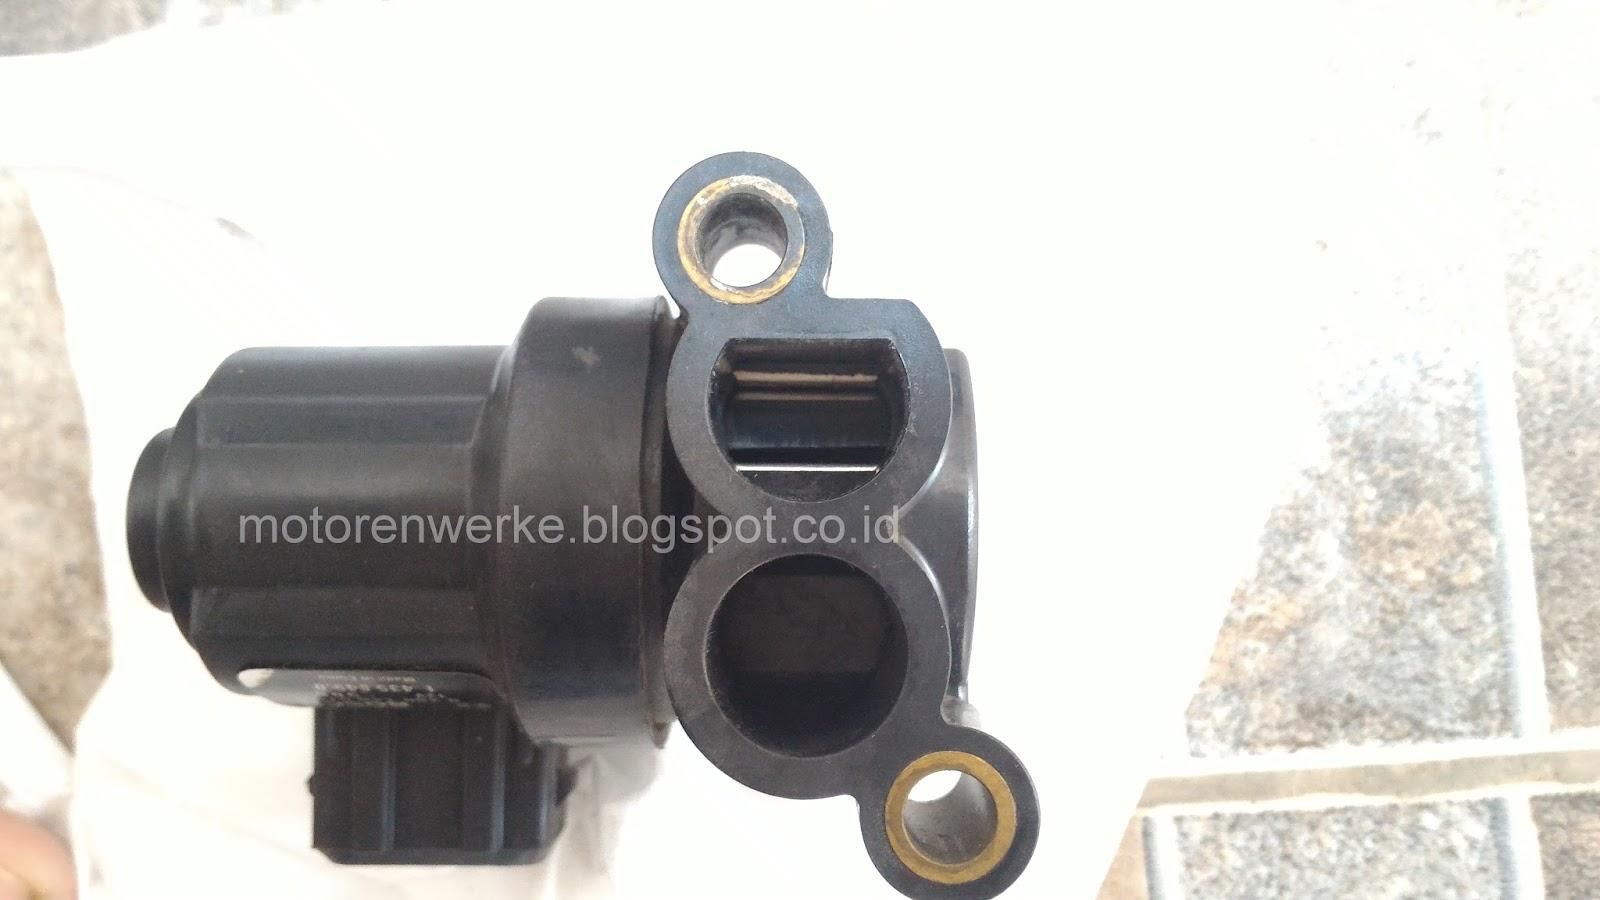 ... cara untuk membersihkan idle up idle regulating valve idle control